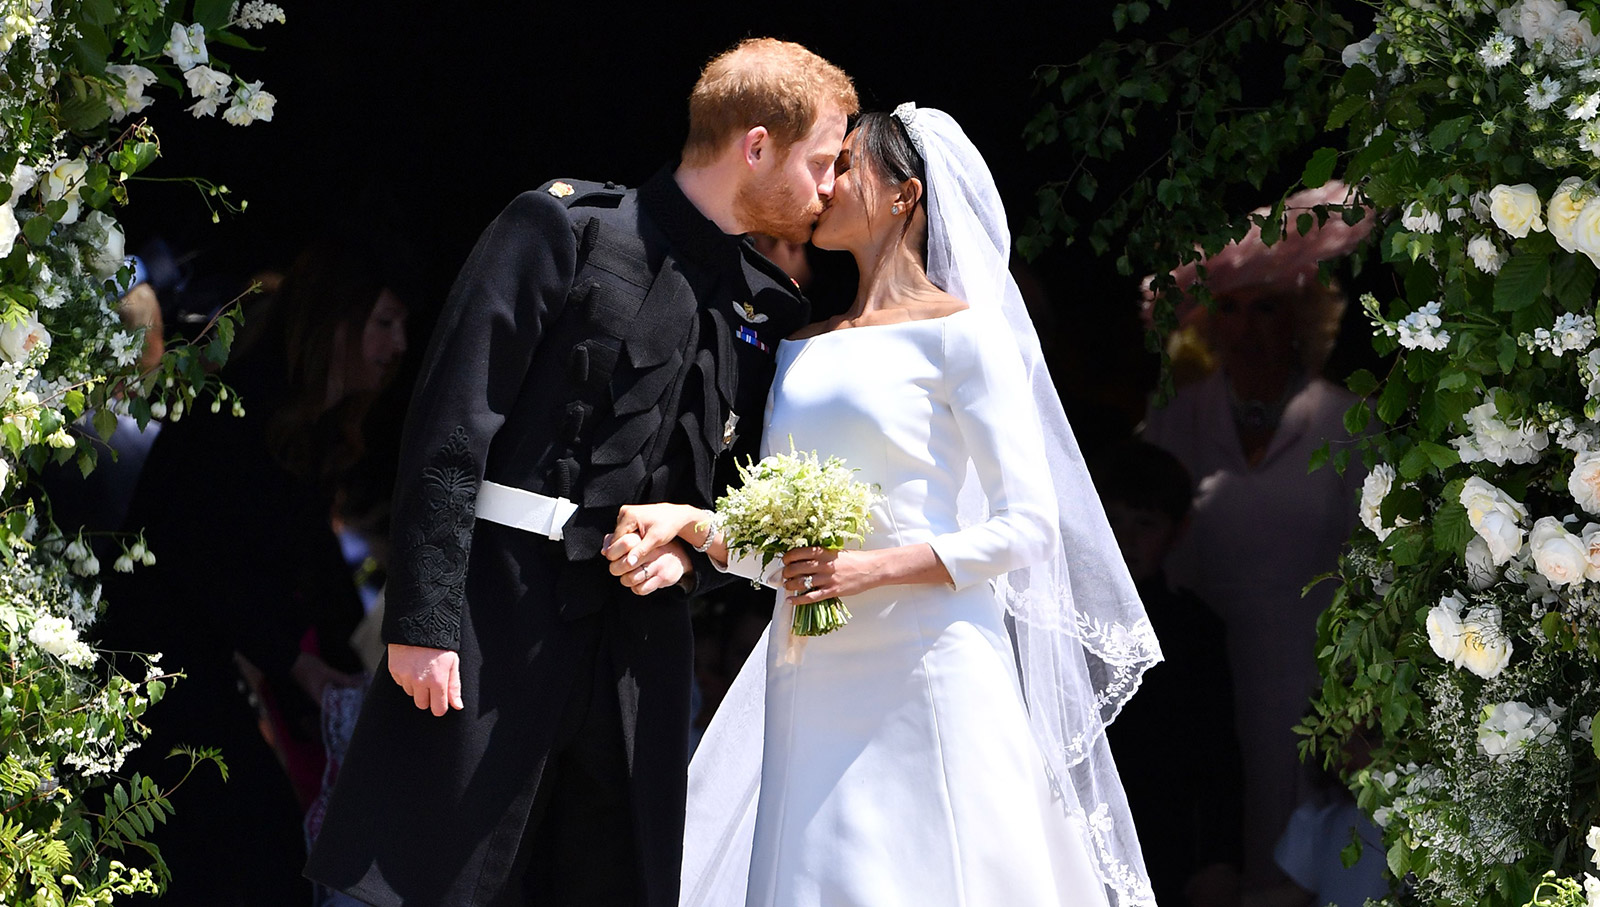 Poza care a stârnit revoltă în  ziua nunții regale. Meghan Markle a fost comparată cu o bomboană